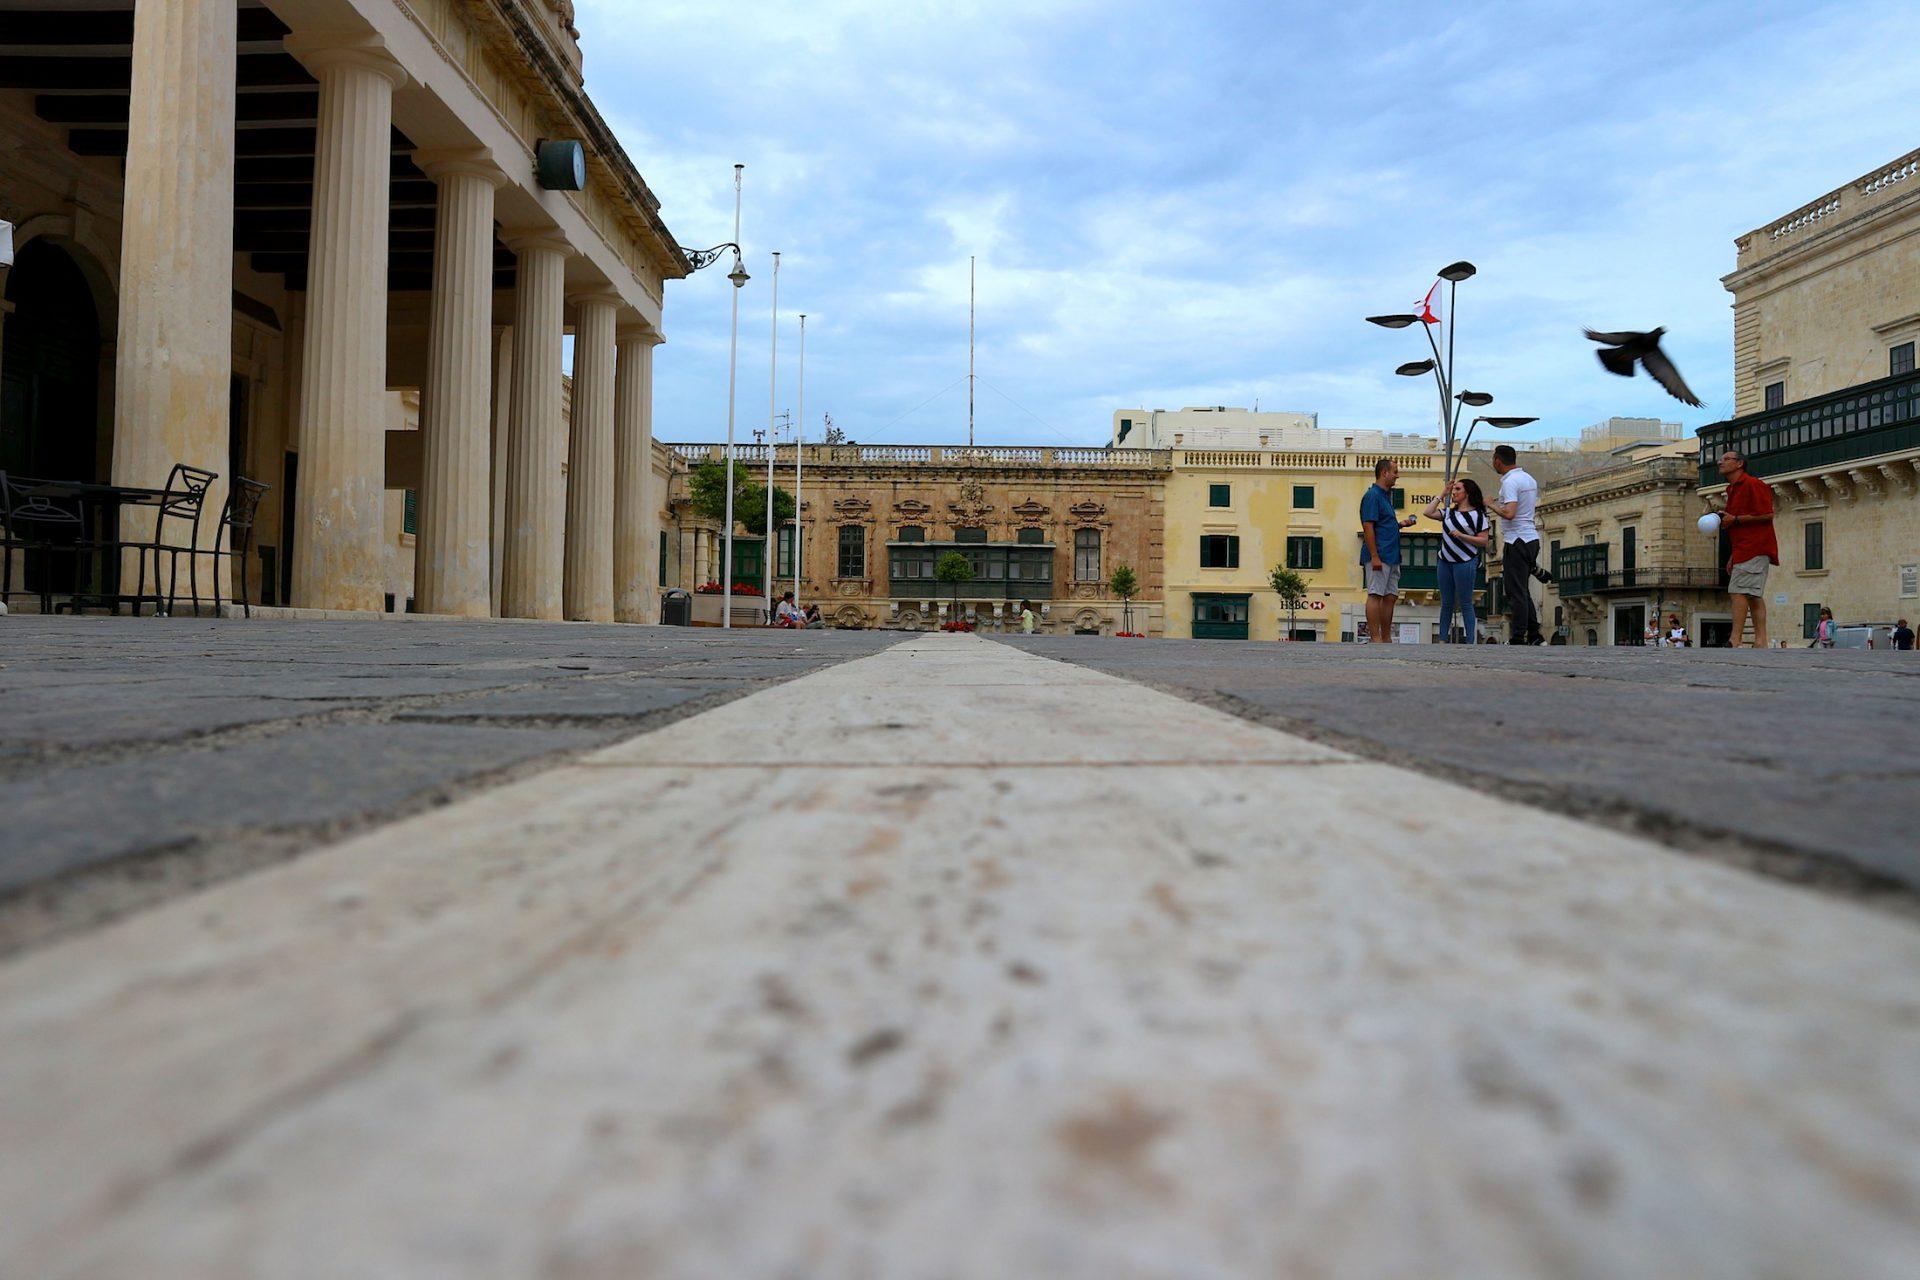 Platz der Republik, Valletta.